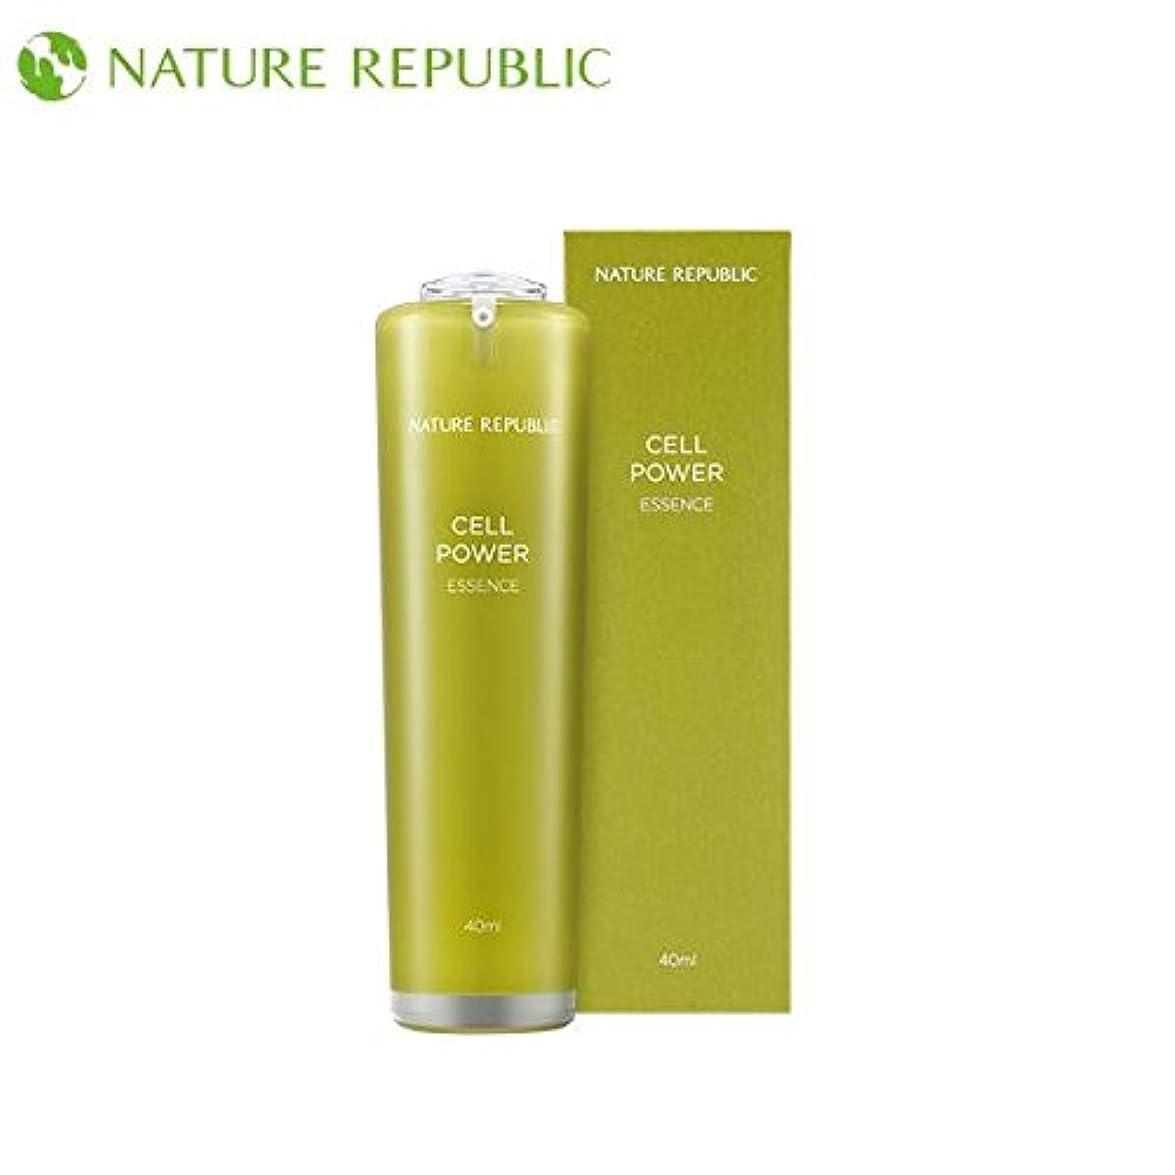 おもてなし嬉しいです生態学正規輸入品 NATURE REPUBLIC(ネイチャーリパブリック) CP エッセンス 美容液 40ml NJ1172